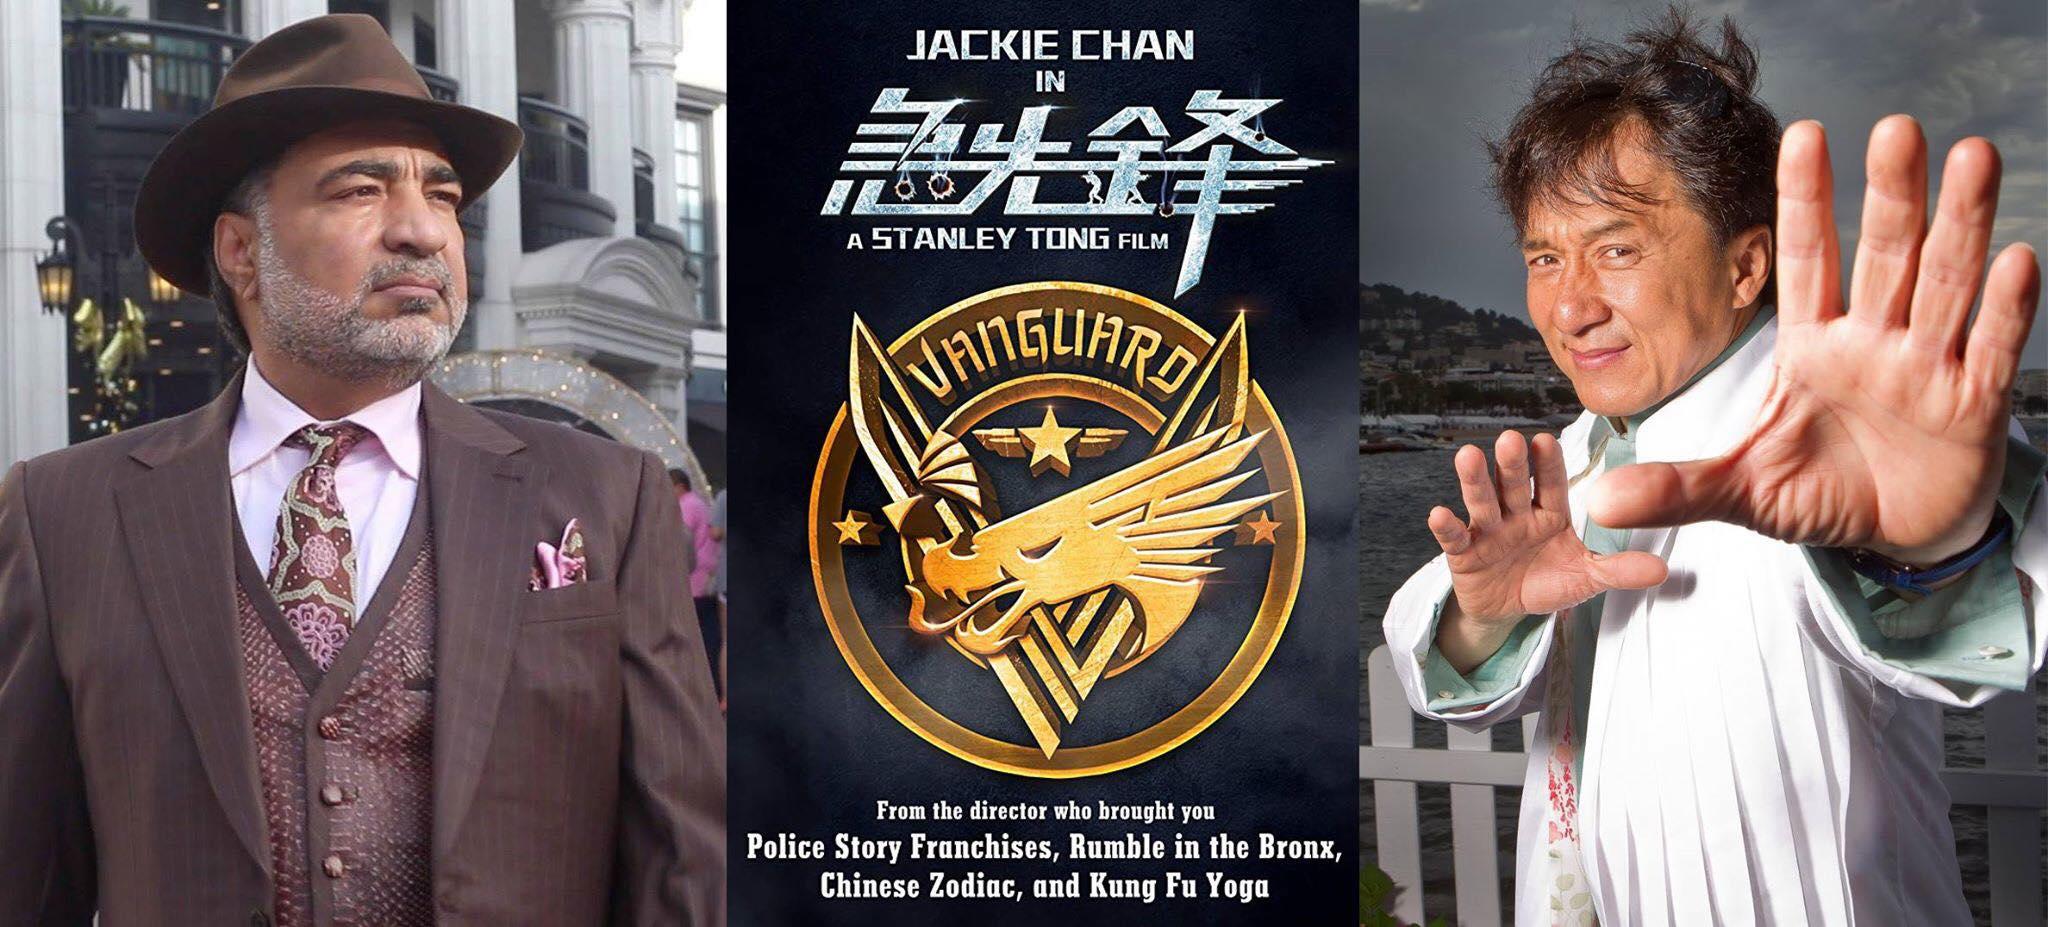 سيد بدرية يساعد جاكي شان في القضاء علي الارهاب من خلال Vanguard